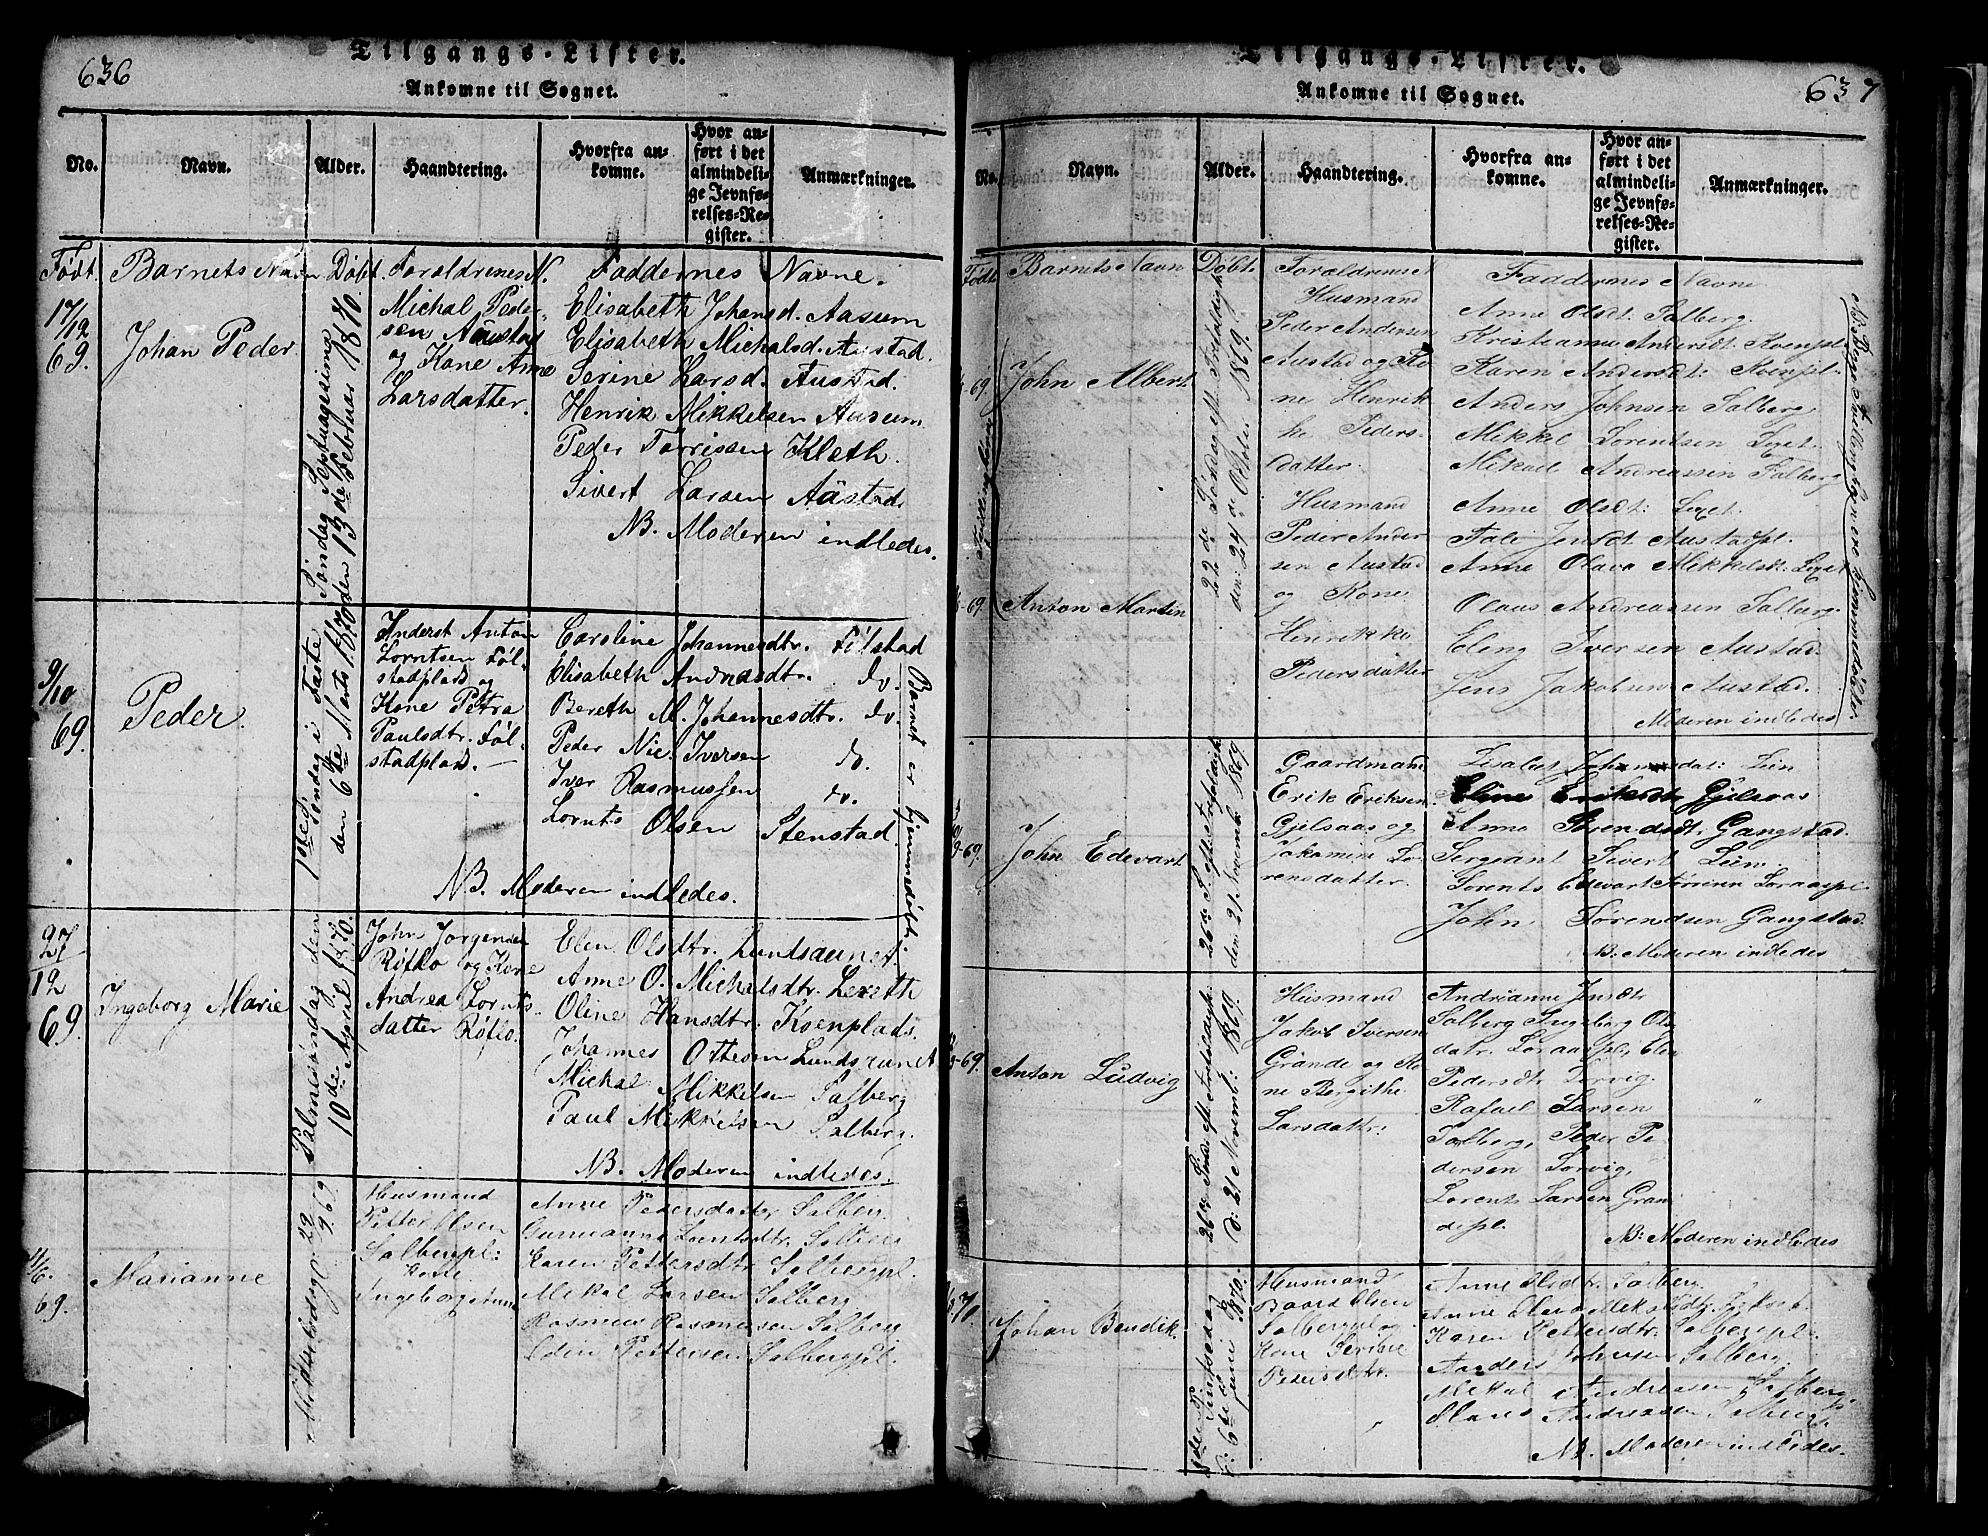 SAT, Ministerialprotokoller, klokkerbøker og fødselsregistre - Nord-Trøndelag, 731/L0310: Klokkerbok nr. 731C01, 1816-1874, s. 636-637